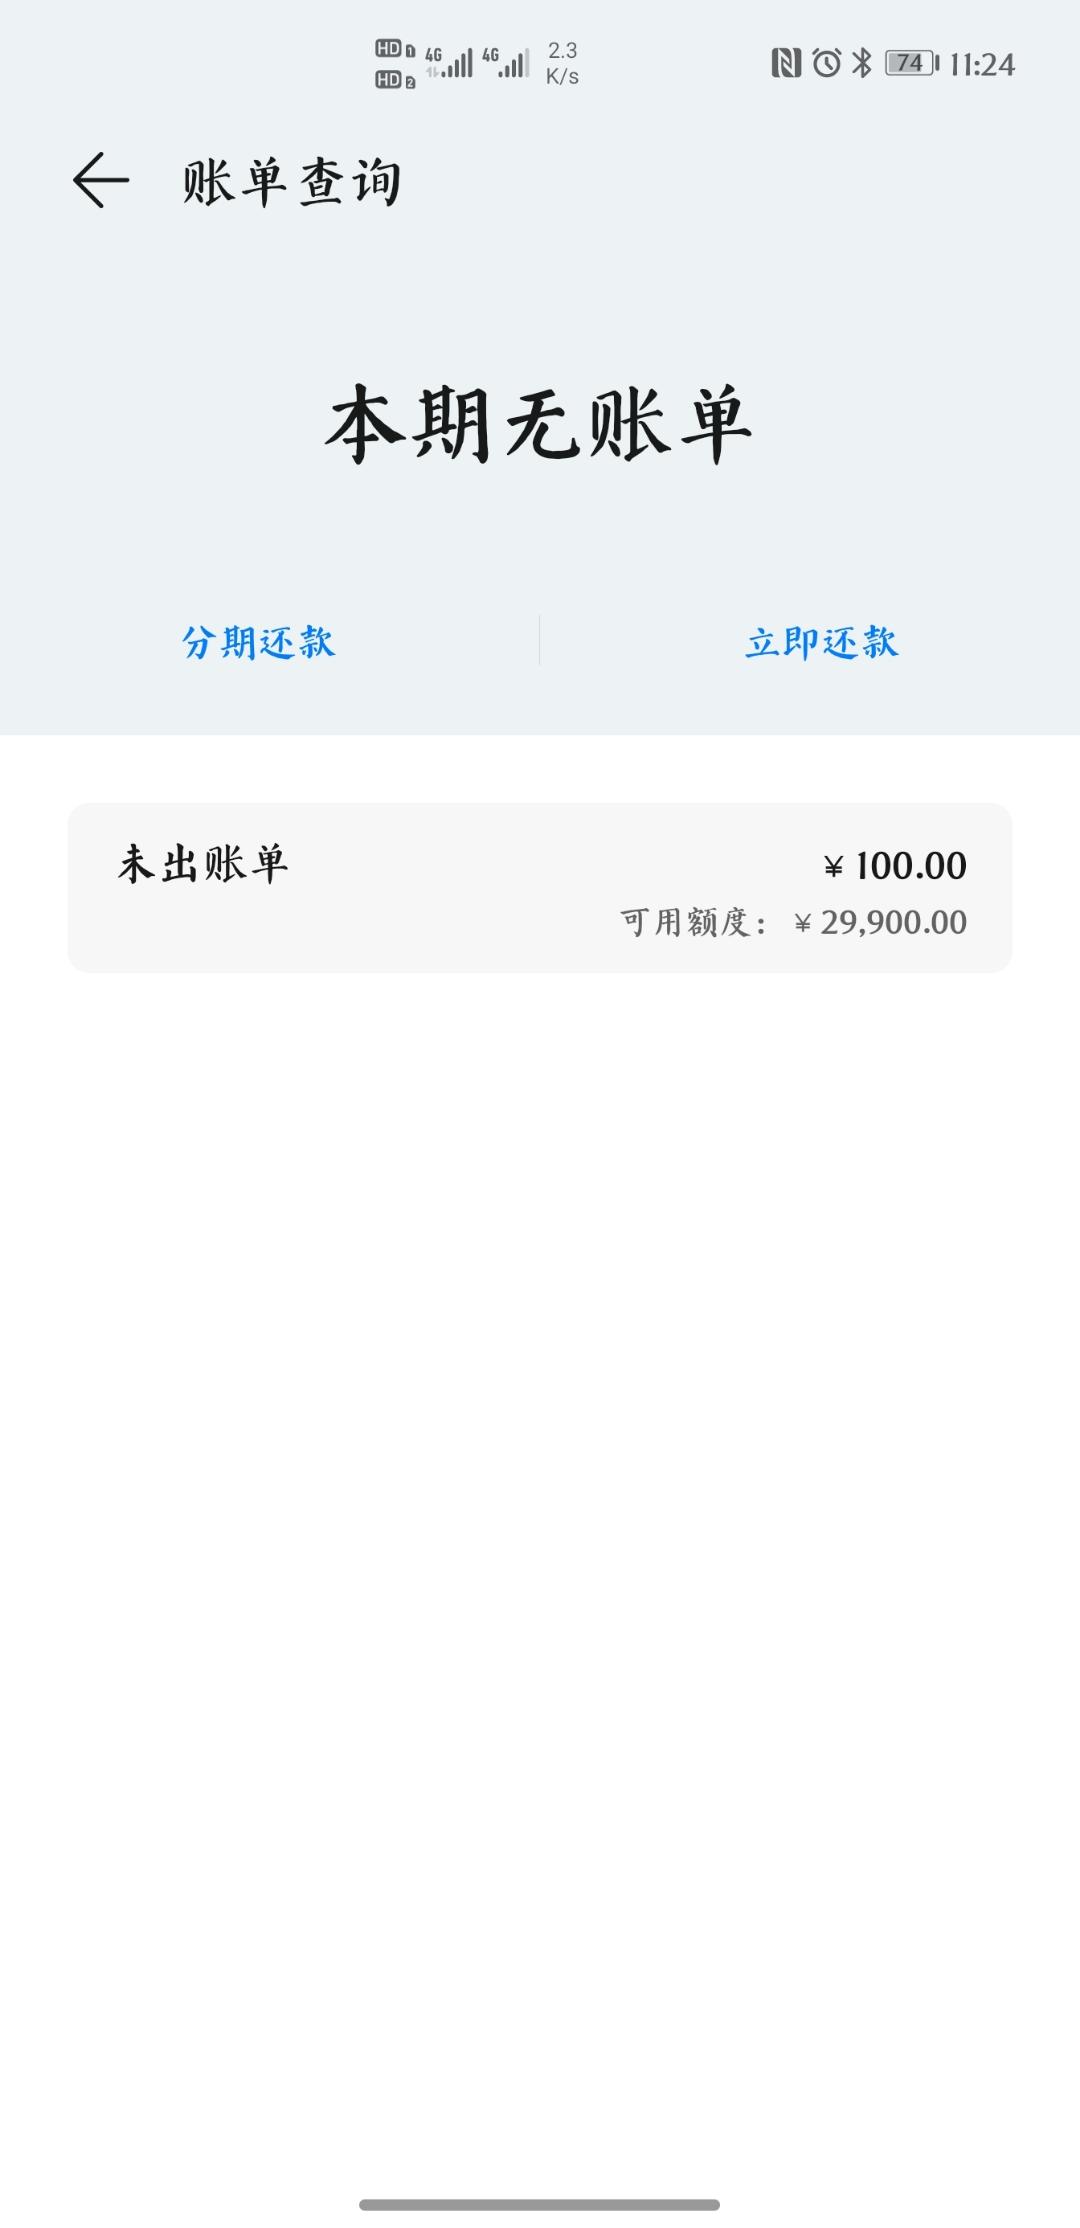 Screenshot_20210509_112434_com.huawei.wallet.jpg